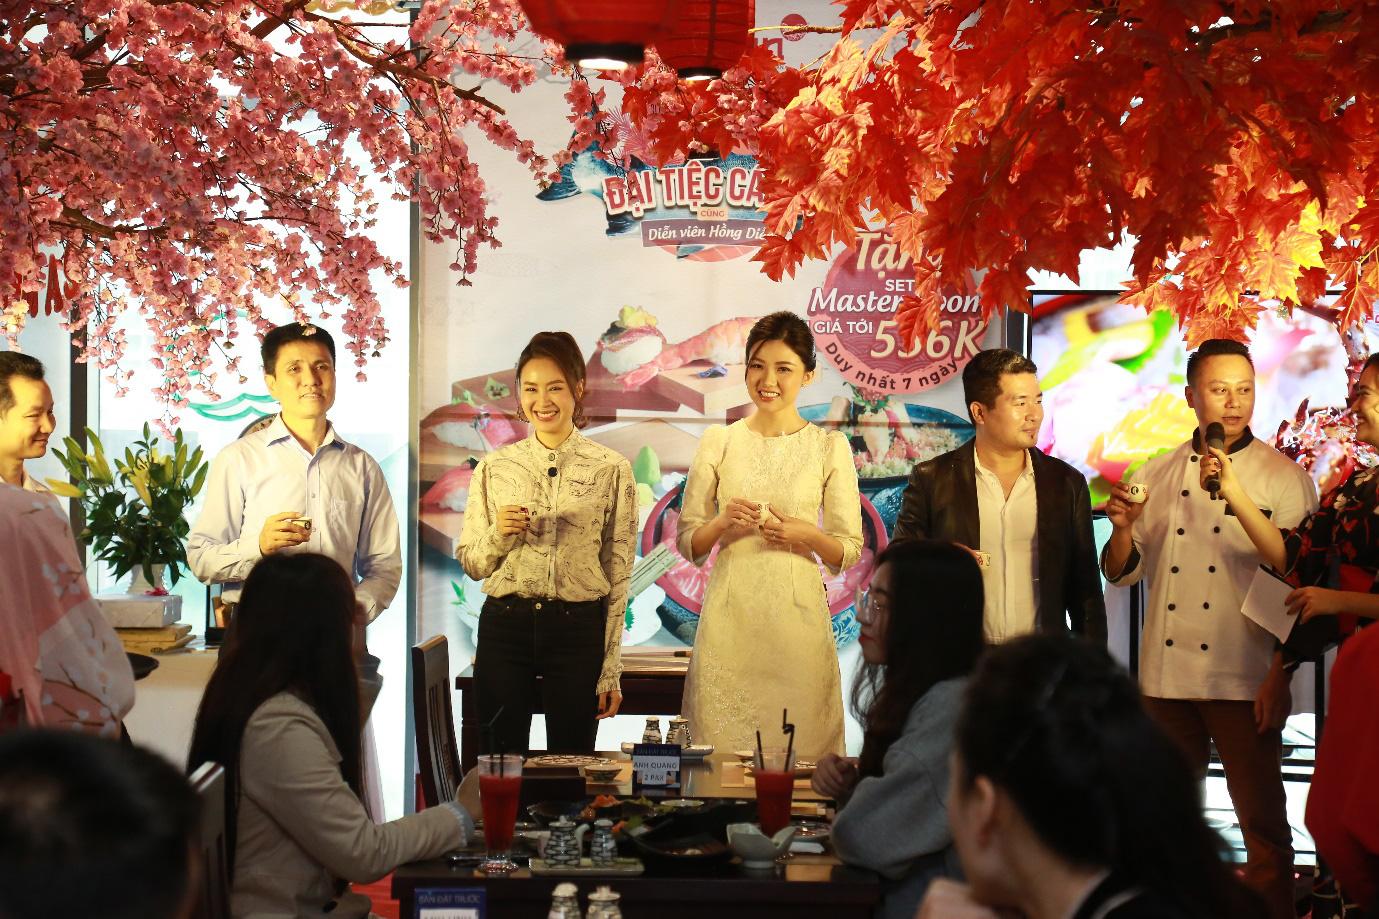 Thực hư chuyện Diễn viên Hồng Diễm - Bà chủ của nhà hàng Fujibin từ trong phim thành hiện thực - Ảnh 5.